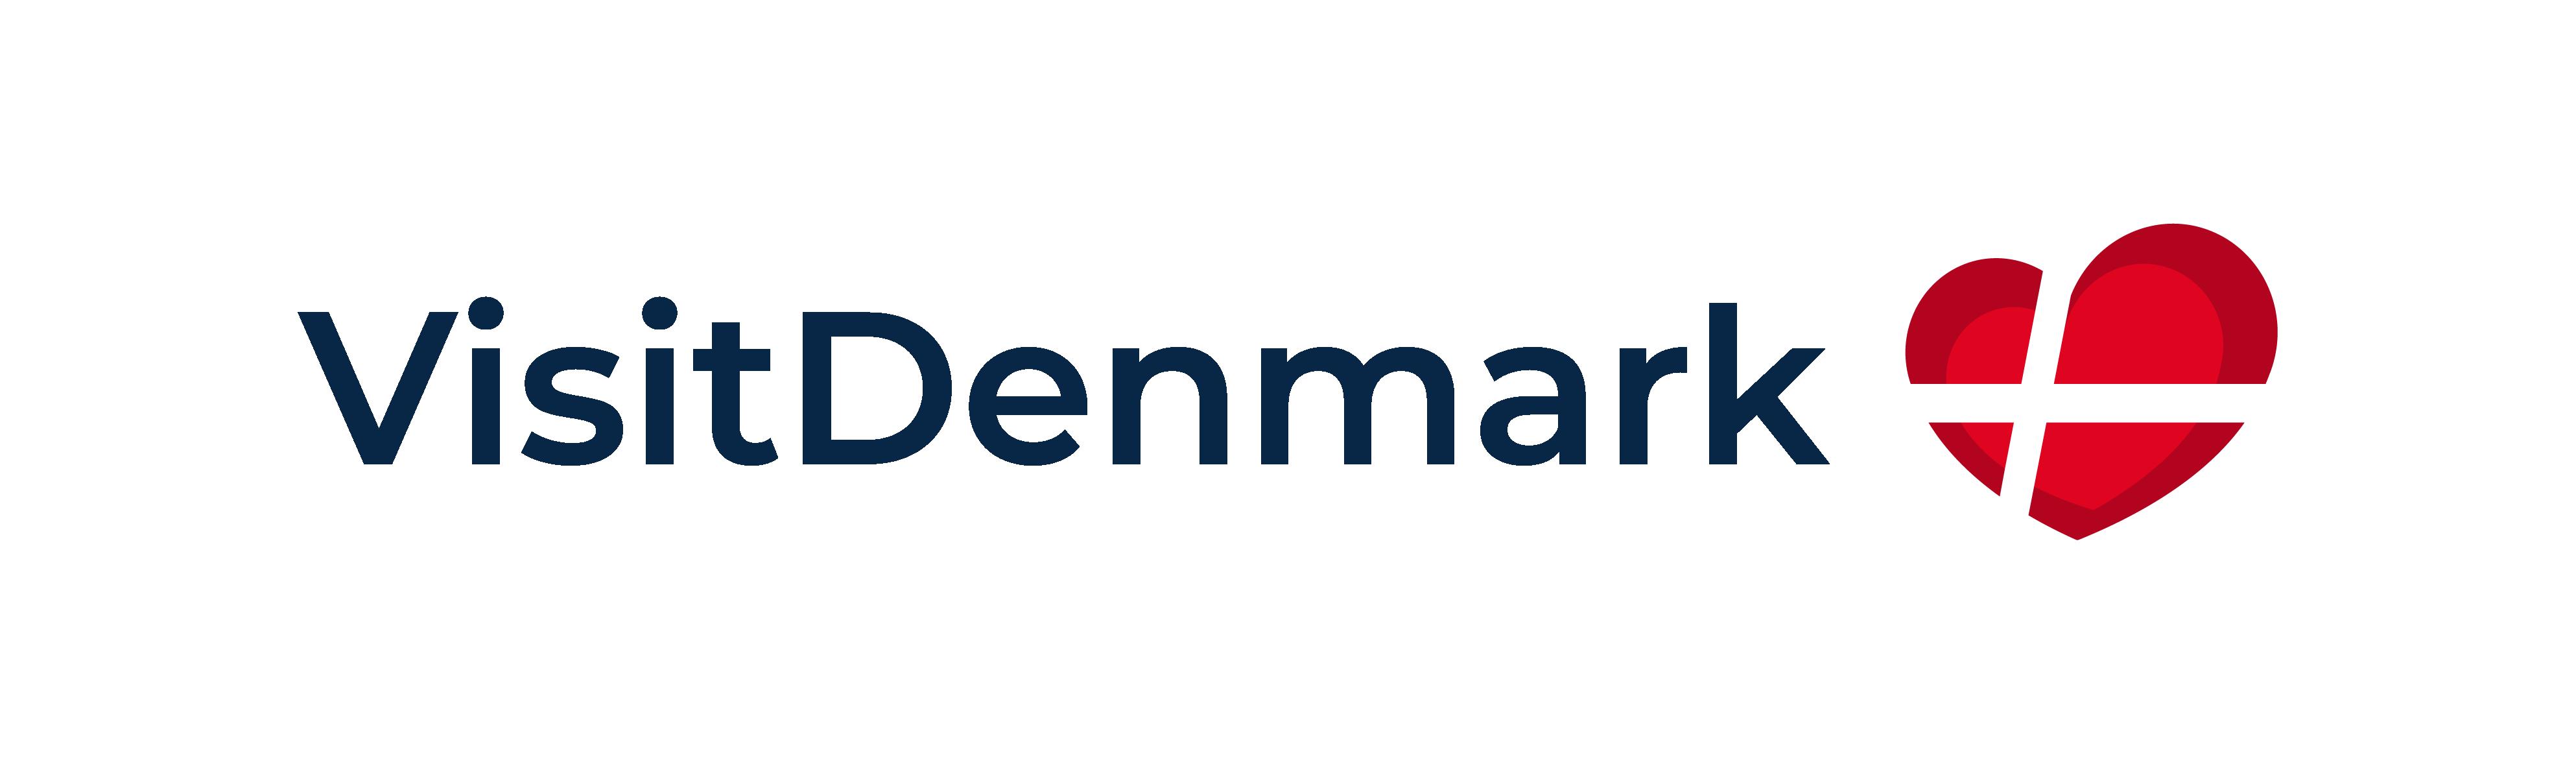 Deze route wordt aangeboden door: VisitDenmark